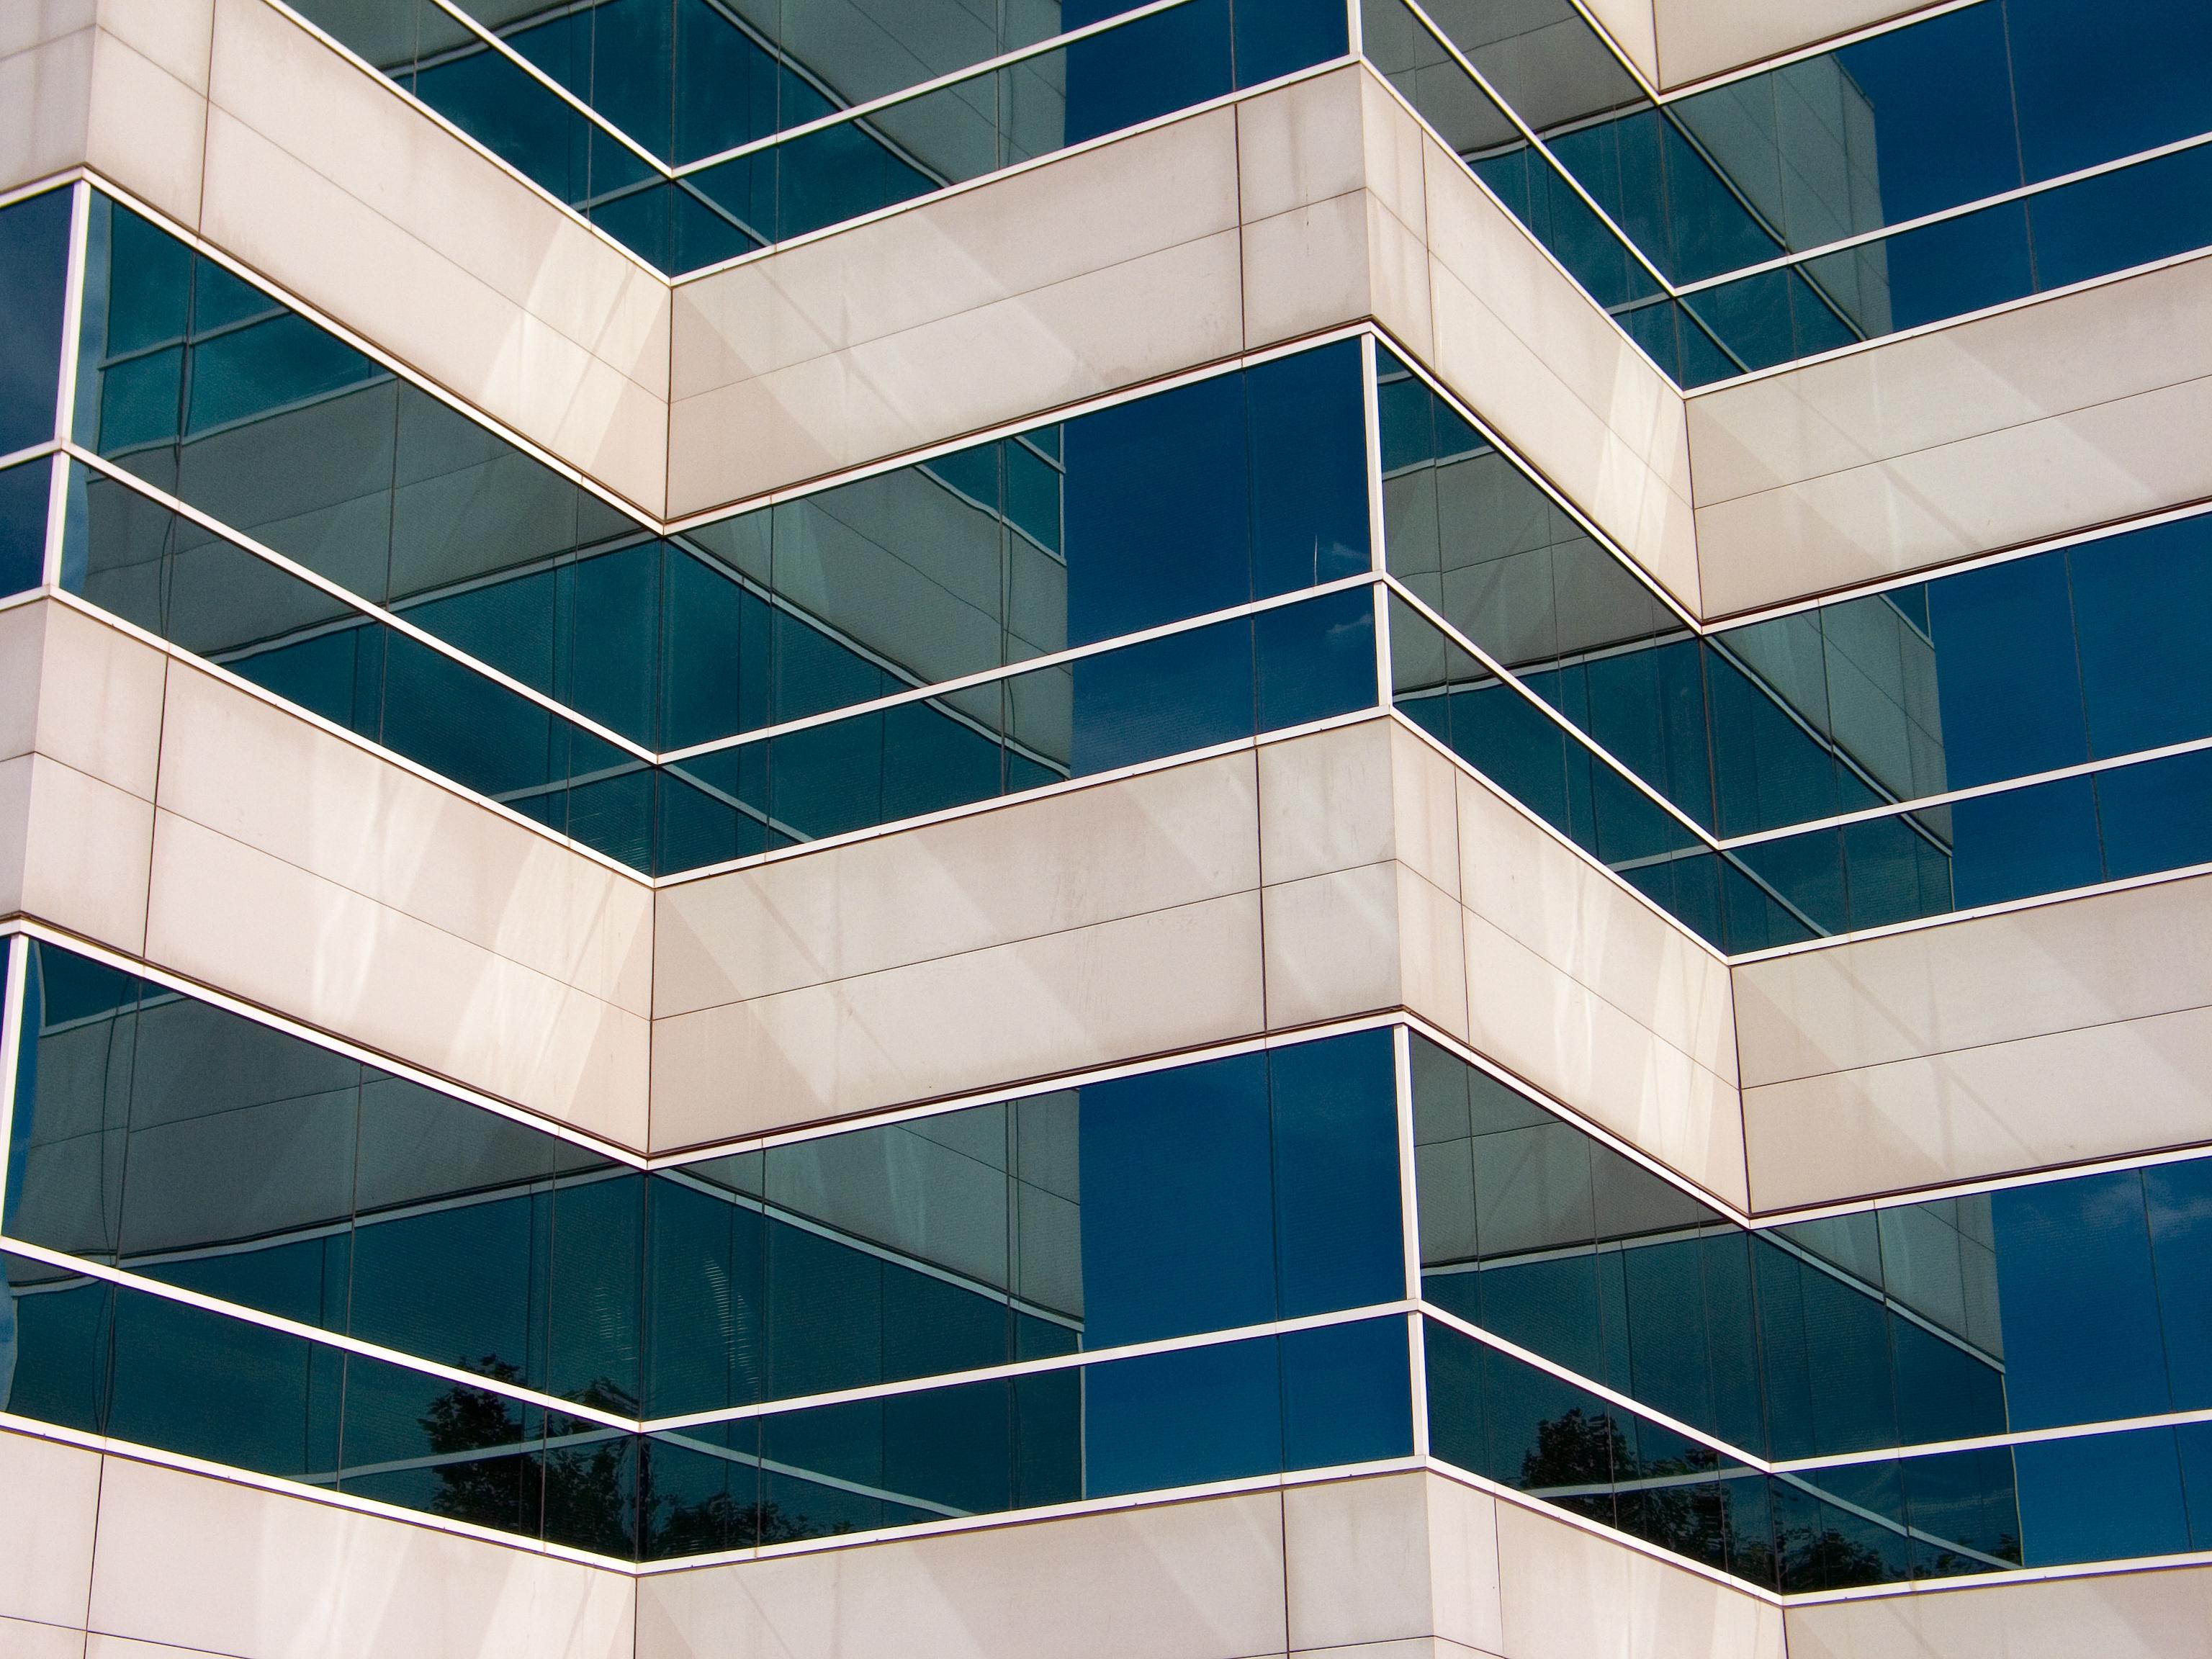 47015617 eaea051fae o Interessante Windows Wallpaper imagem para seu  windows Windows Wallpaper photos